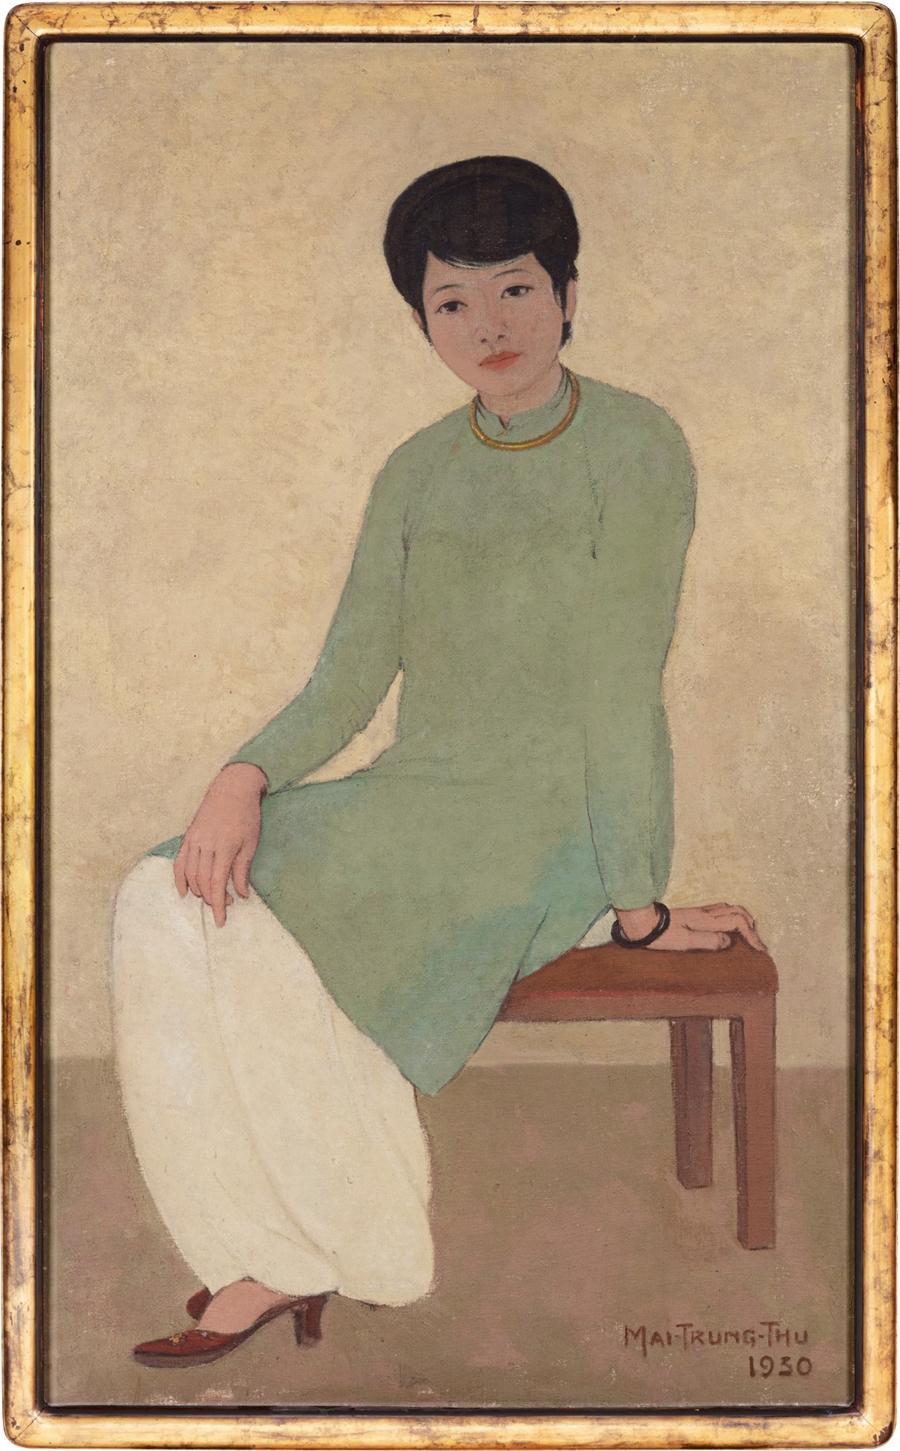 Bức Portrait of Mademoiselle Phuong (Chân dung cô Phương) của Mai Trung Thứ trở thành tác phẩm hội họa đắt nhất của mỹ thuật Việt khi đạt 3,1 triệu USD trong phiên đấu giá tại Hong Kong hôm 18/4. Tác phẩm gói gọn tình cảm của danh họa dành cho Phương - một phụ nữ Hà Nội, được cho là người tình của ông. Tranh sơn dầu được vẽ năm 1930, kích thước 135,5 x 80cm, khi ông đang là giáo viên dạy vẽ tại trường Lycée Francais de Hue (Trung học Pháp tại Huế).Mai Trung Thứ là họa sĩ nổi tiếng của nền mỹ thuật hiện đại Việt Nam những năm đầu thế kỷ 20. Ông tốt nghiệp khóa đầu tiên của Cao đẳng Mỹ thuật Đông Dương (1925-1930). Phần lớn cuộc đời ông sống và hoạt động nghệ thuật tại Pháp. Ông cùng Vũ Cao Đàm, Lê Thị Lựu, Lê Phổ được mệnh danh tứ kiệt trời Âu của nền hội họa Việt Nam (Phổ - Thứ - Lựu - Đàm). Ảnh: Sotheby.